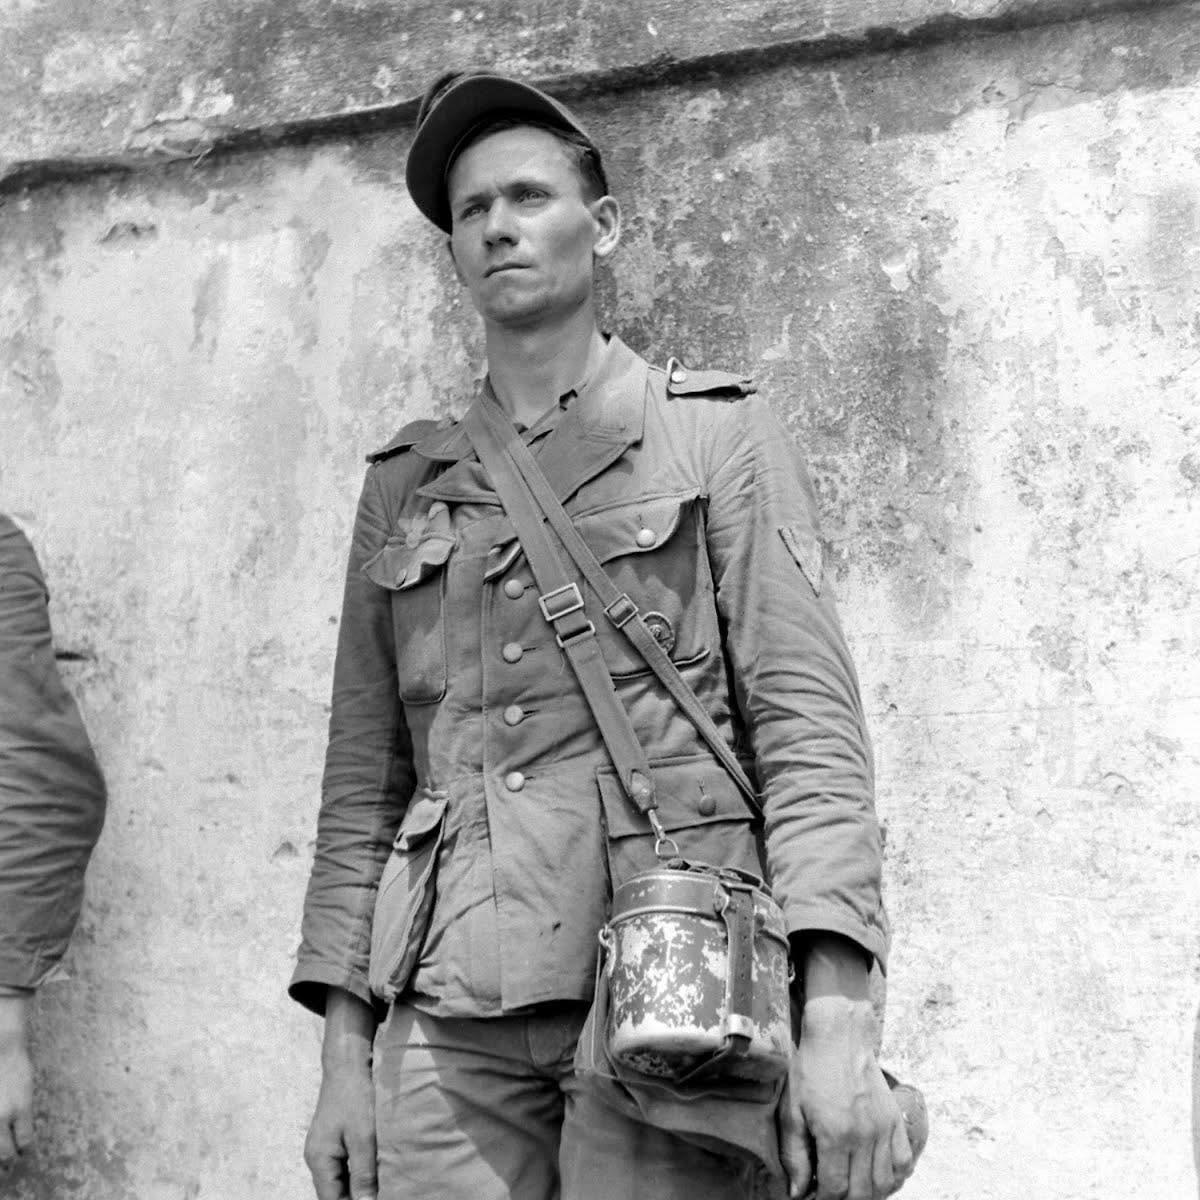 127543 - Военное фото 1939-1945 г.г. Западный фронт и Африка.